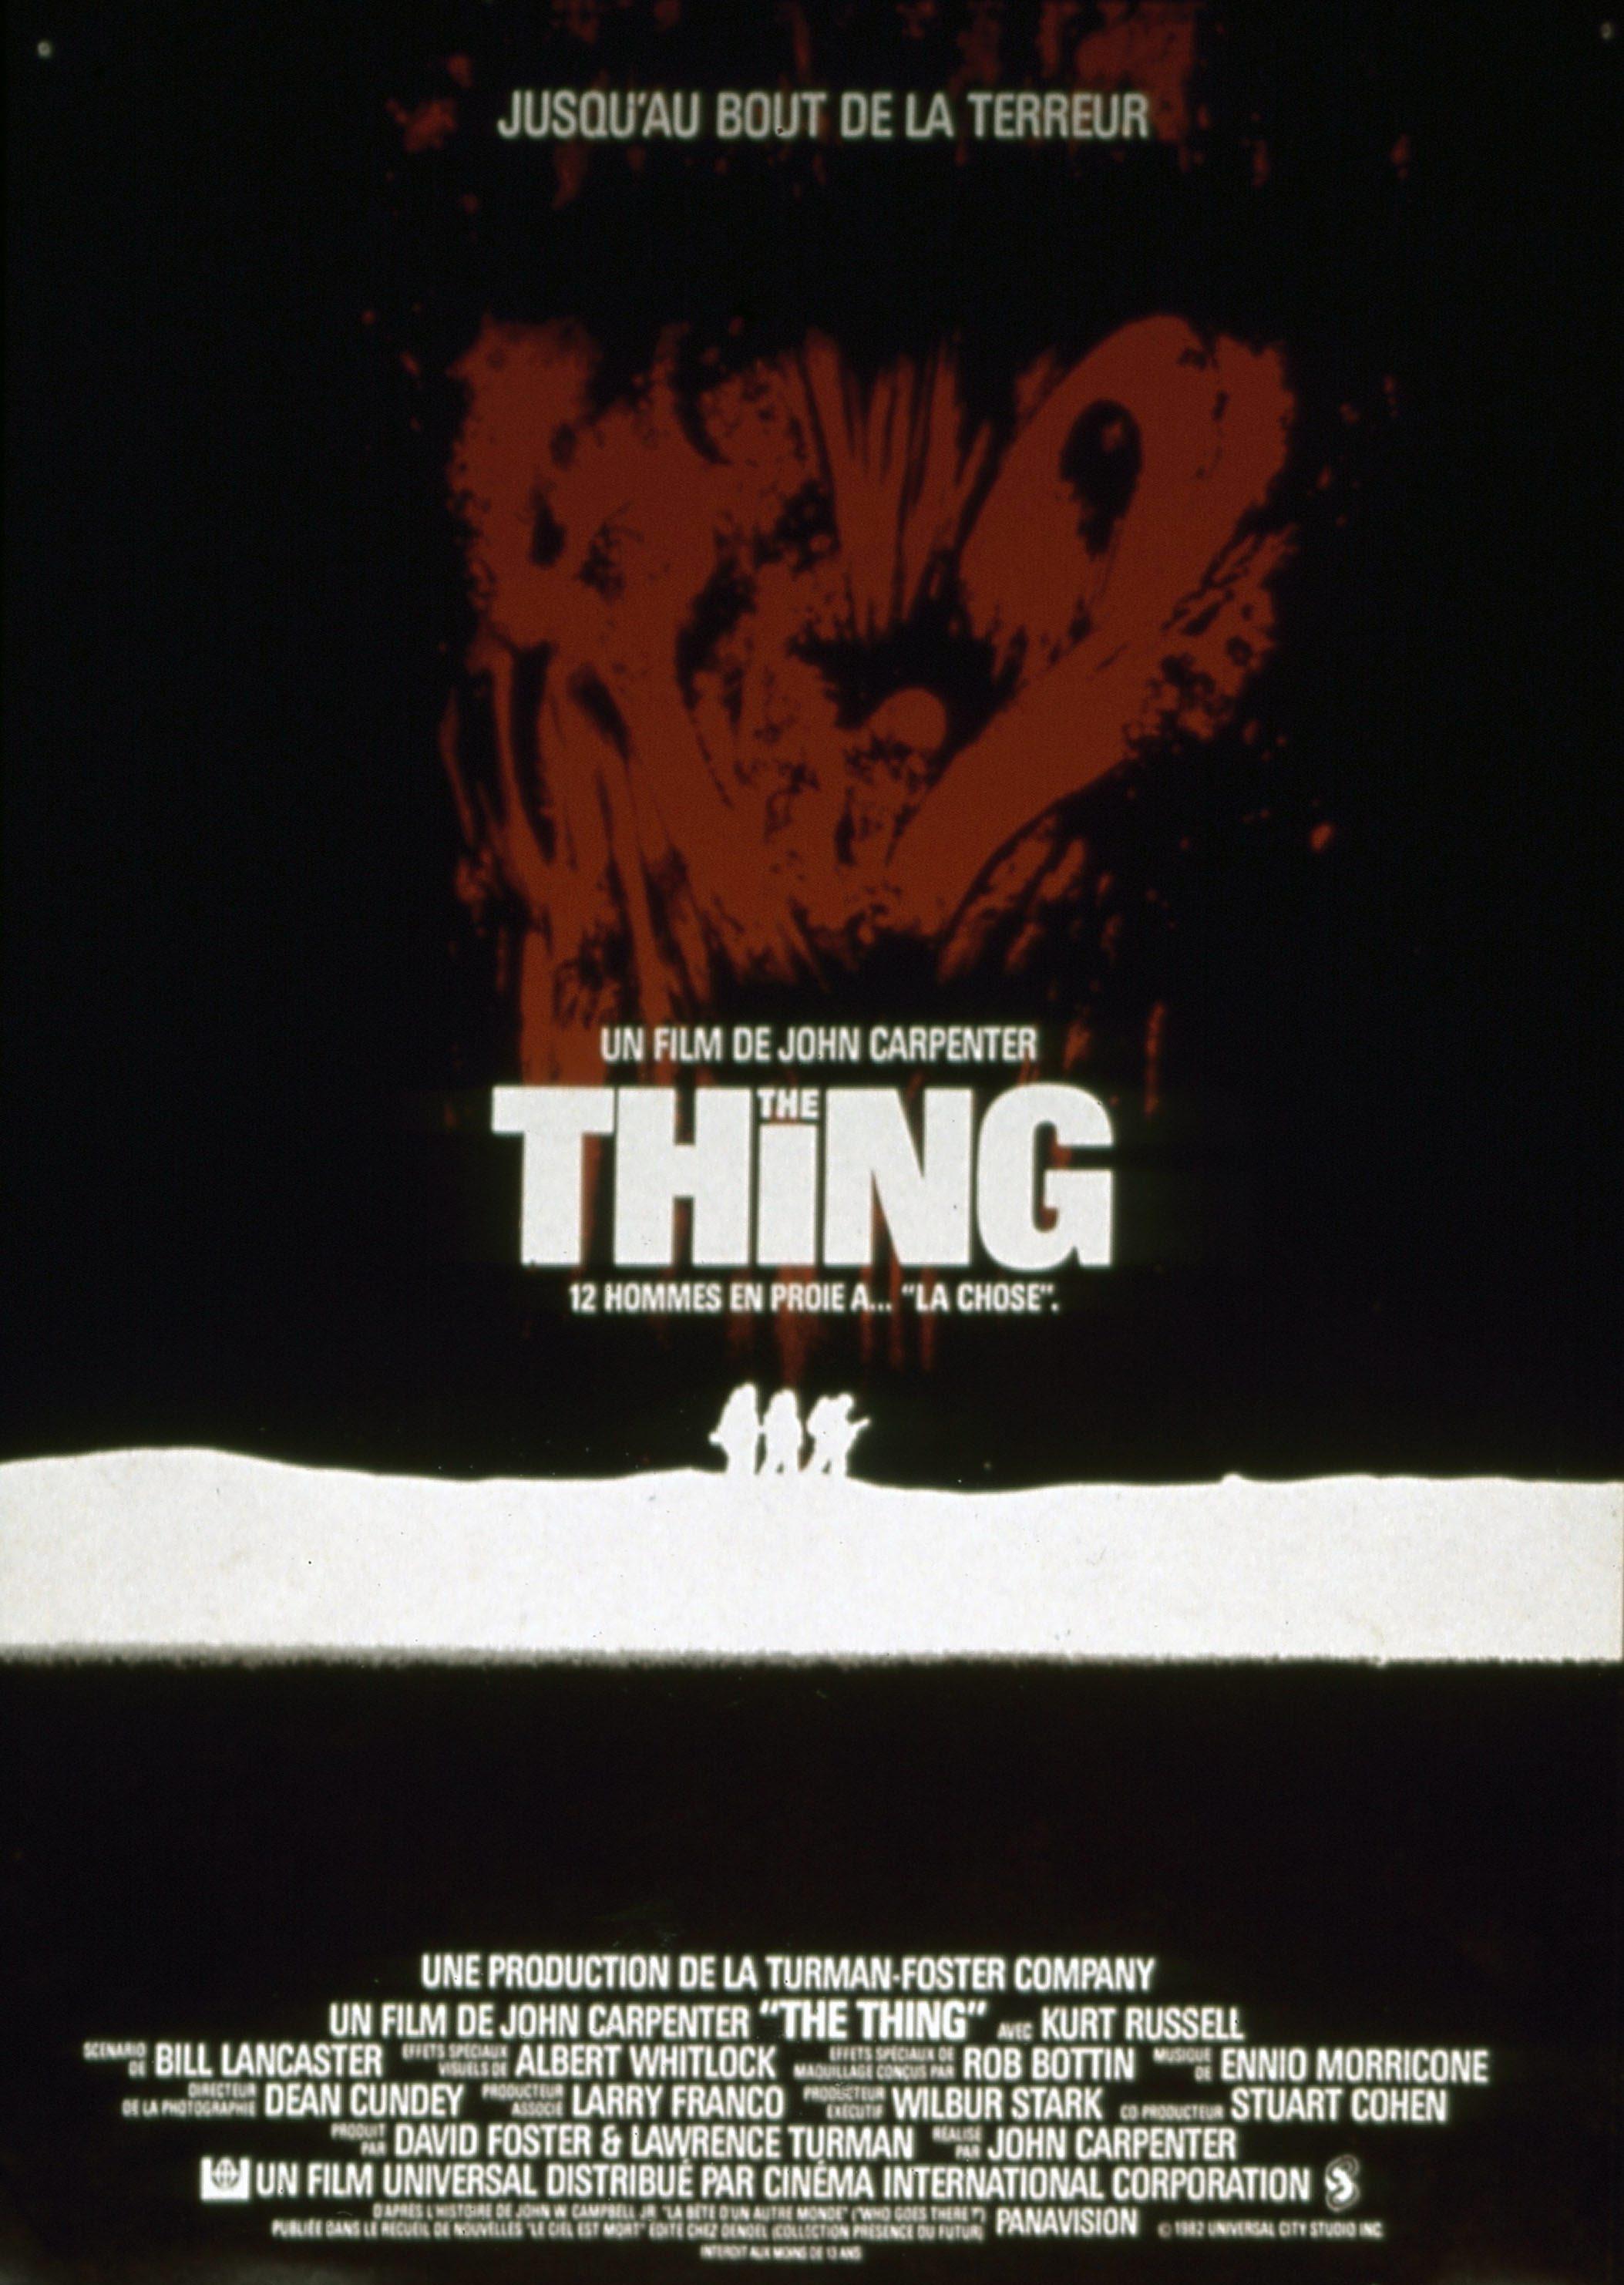 Les plus belles affiches de cinéma The-thing-affiche-fr